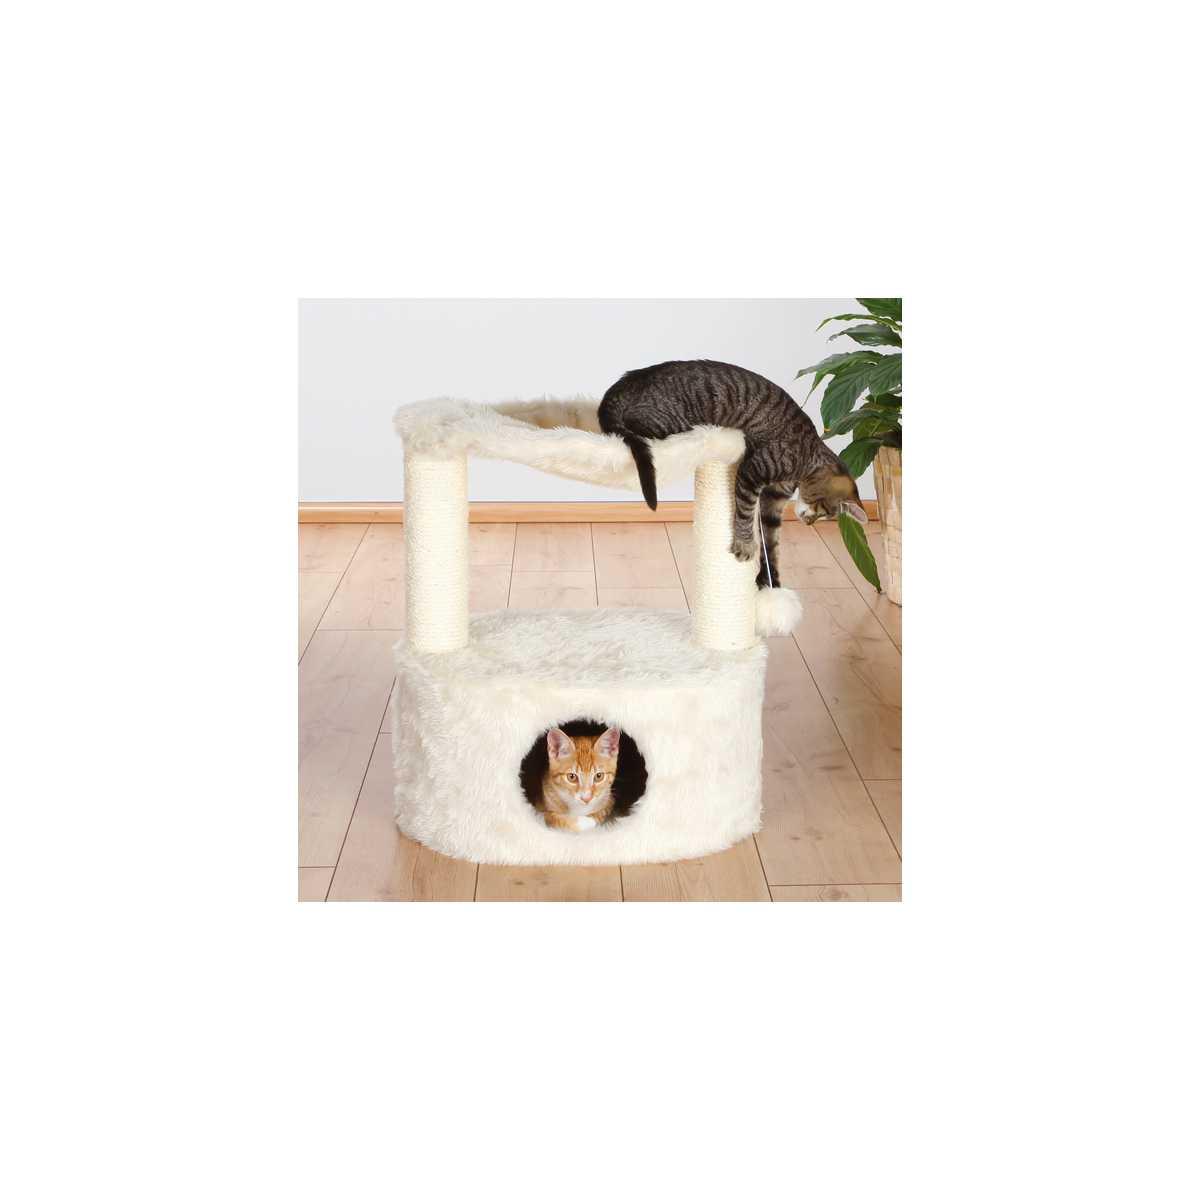 Bazaboom Cat Condo Amp Hammock